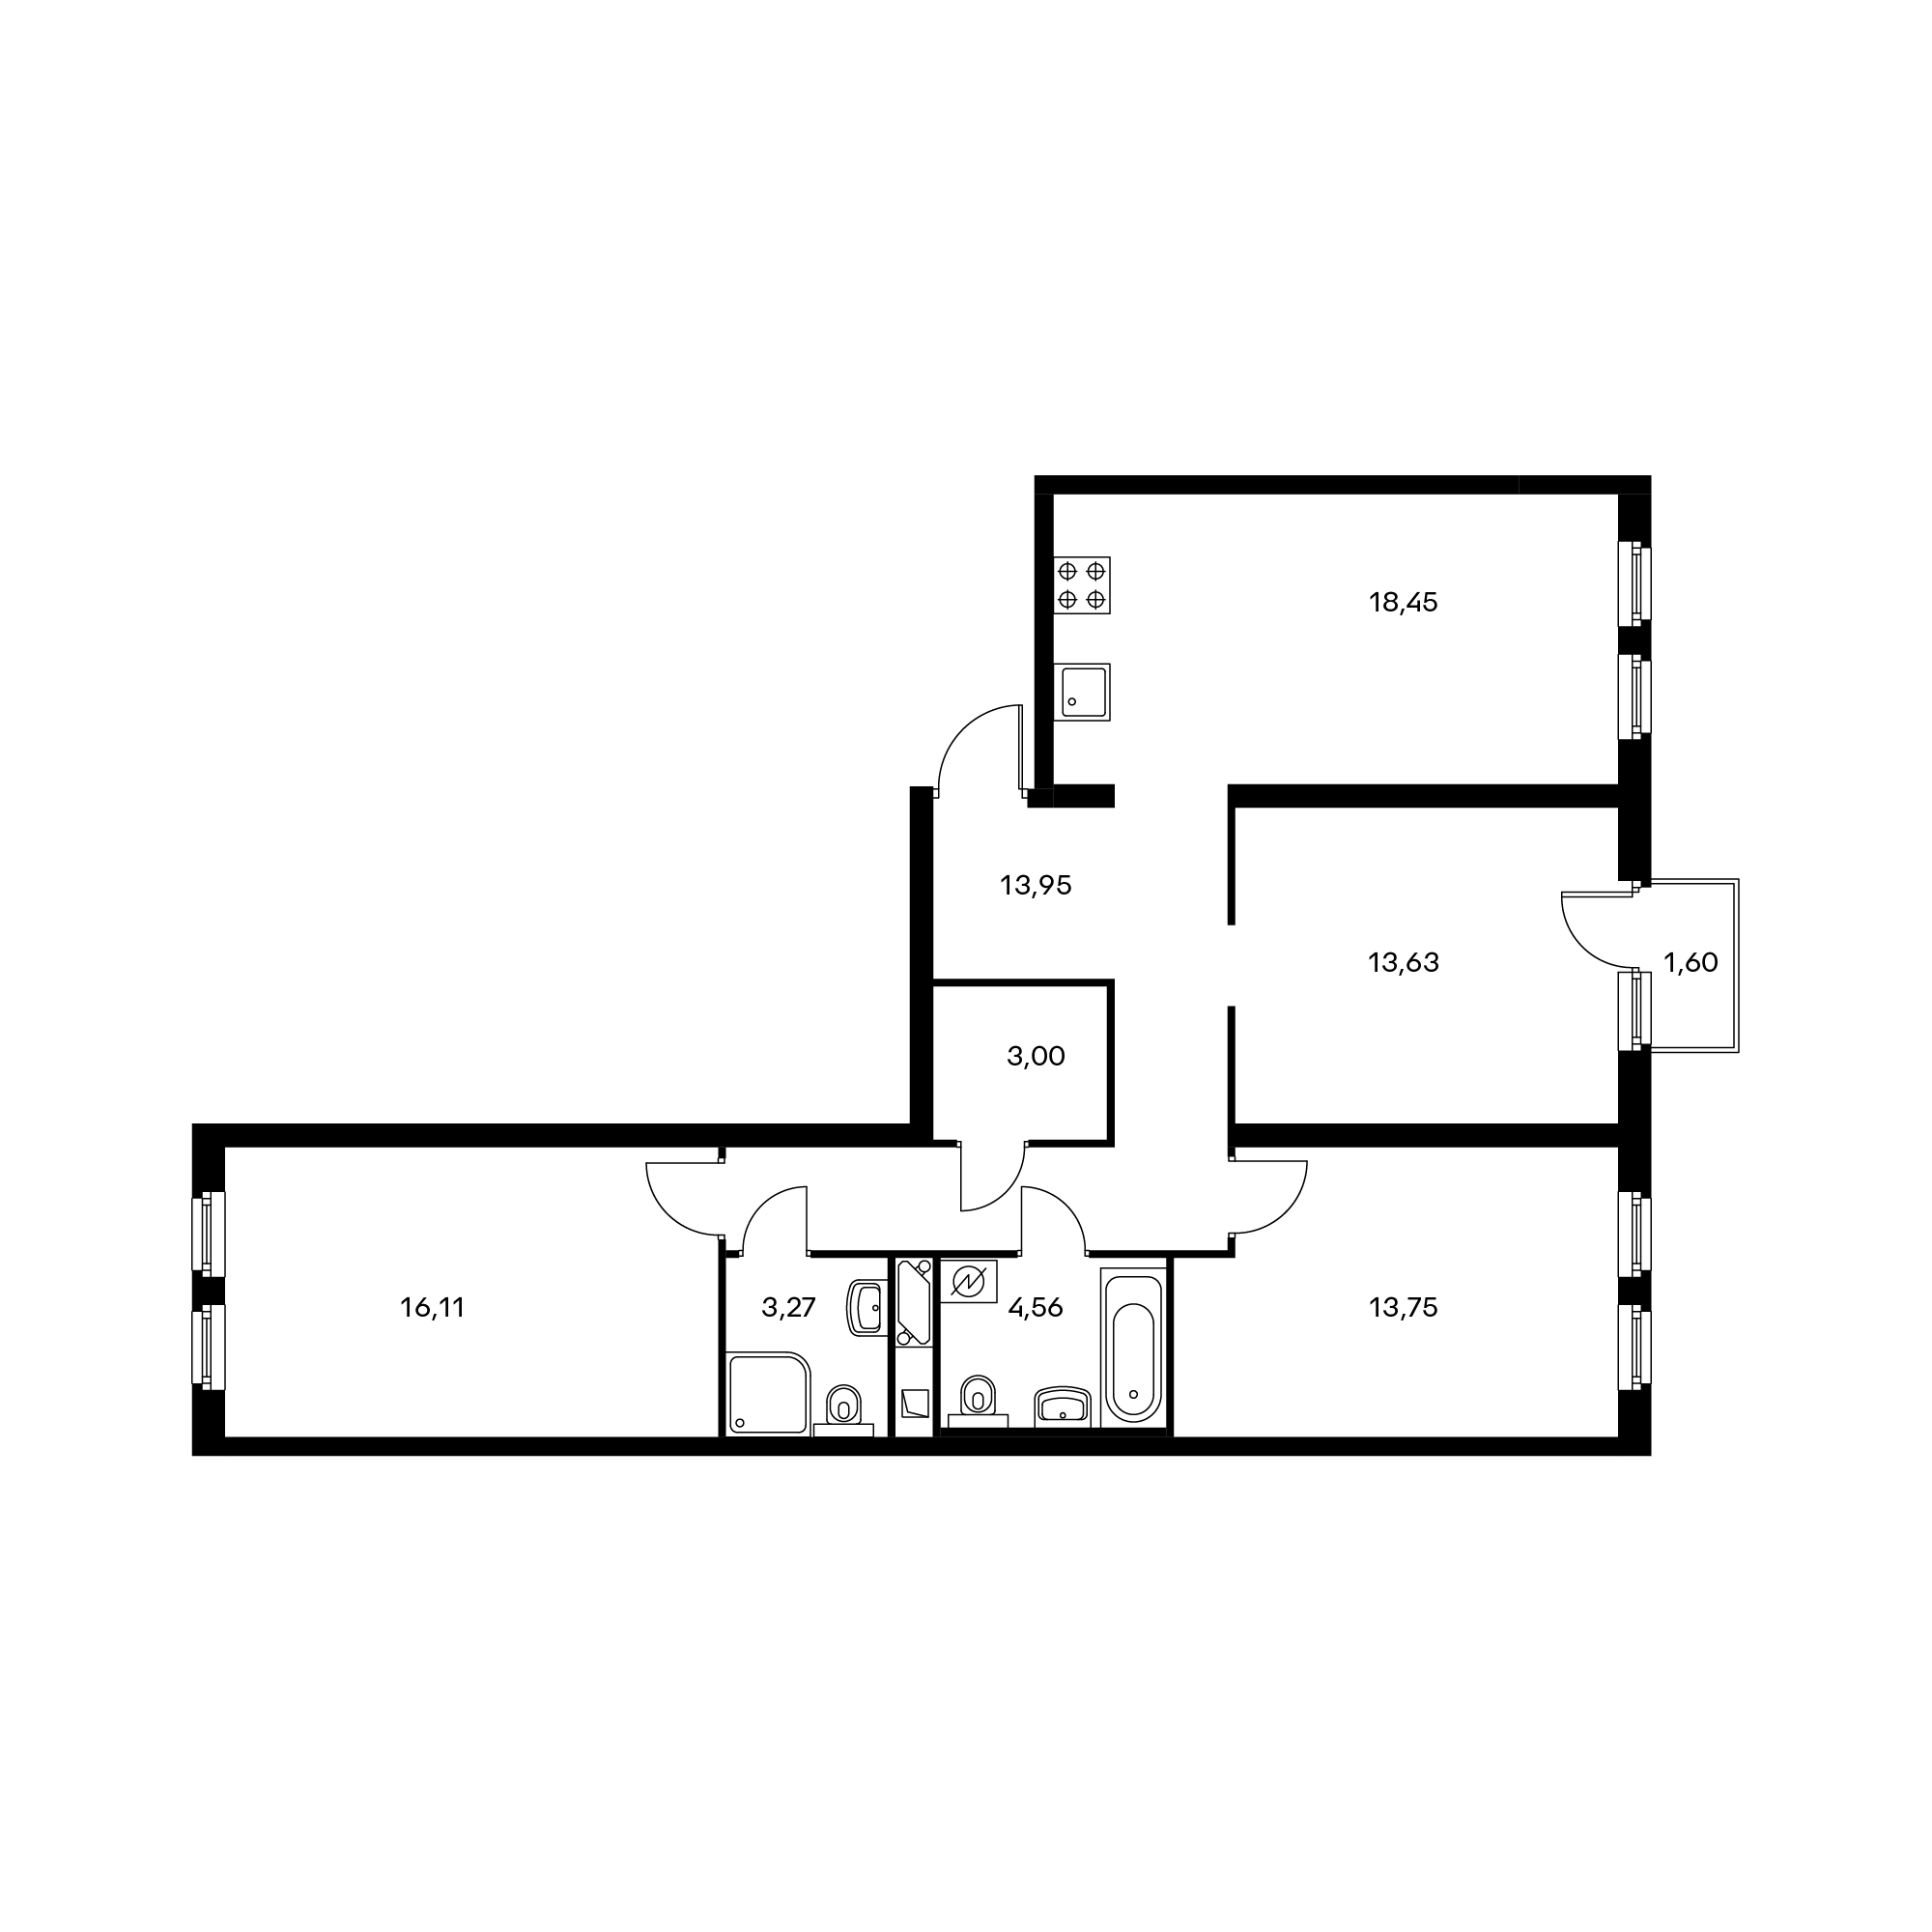 3EL1T_B2